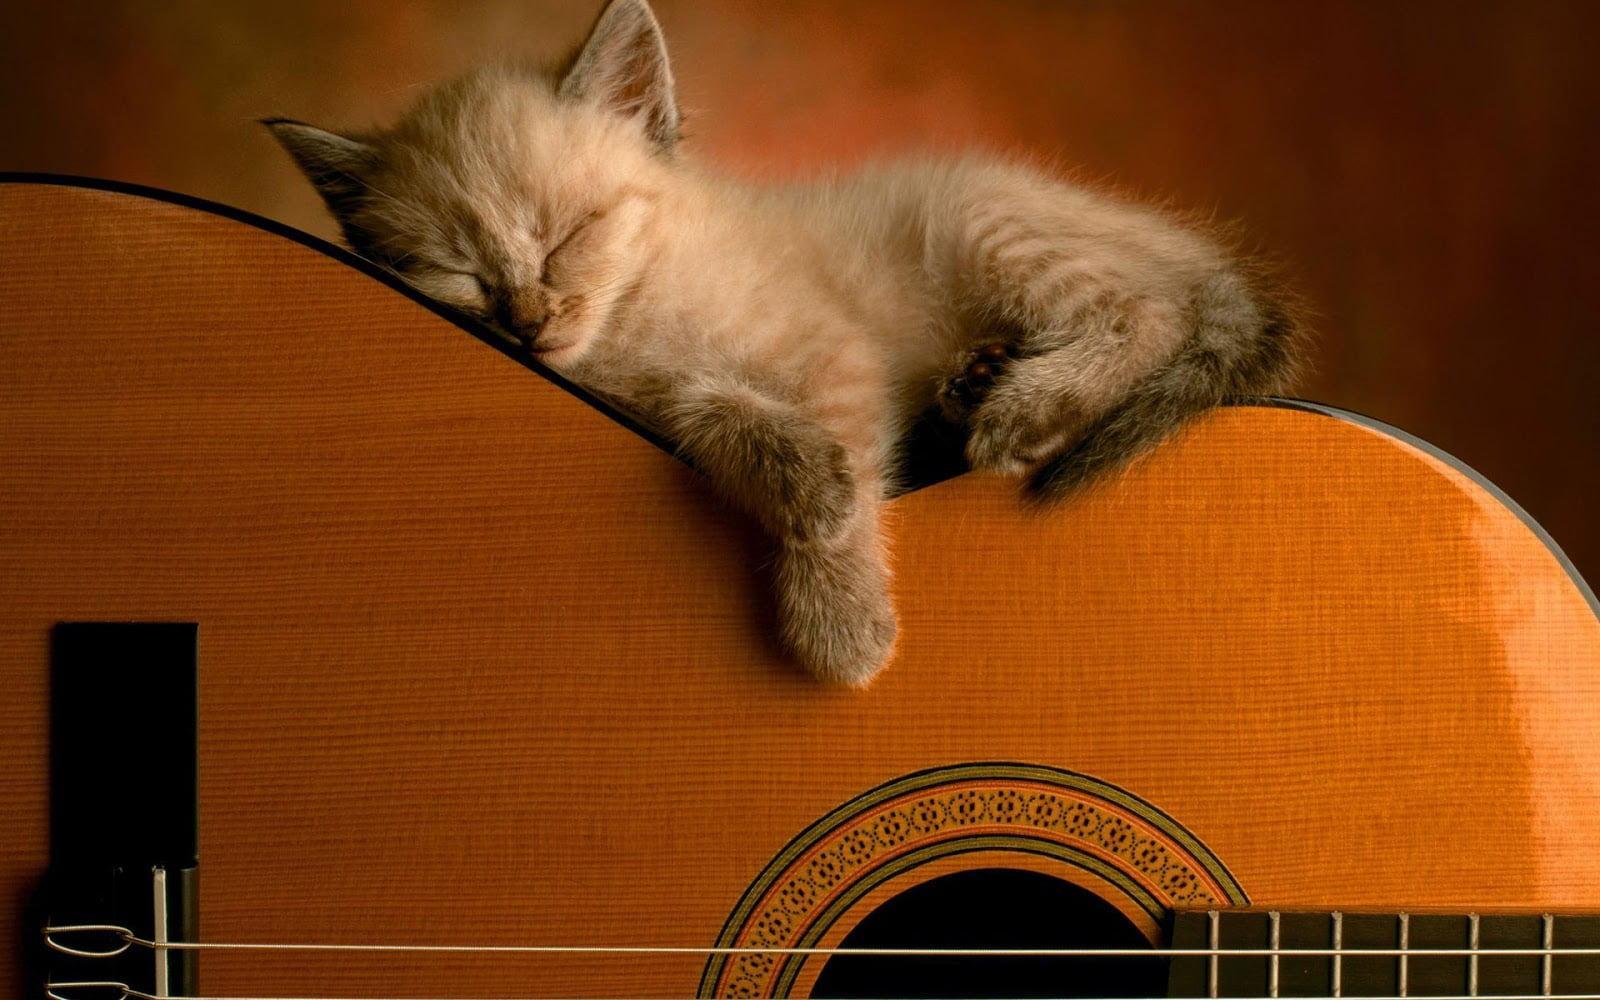 Hình ảnh đáng yêu của chú mèo con đang ngủ trên cây đàn